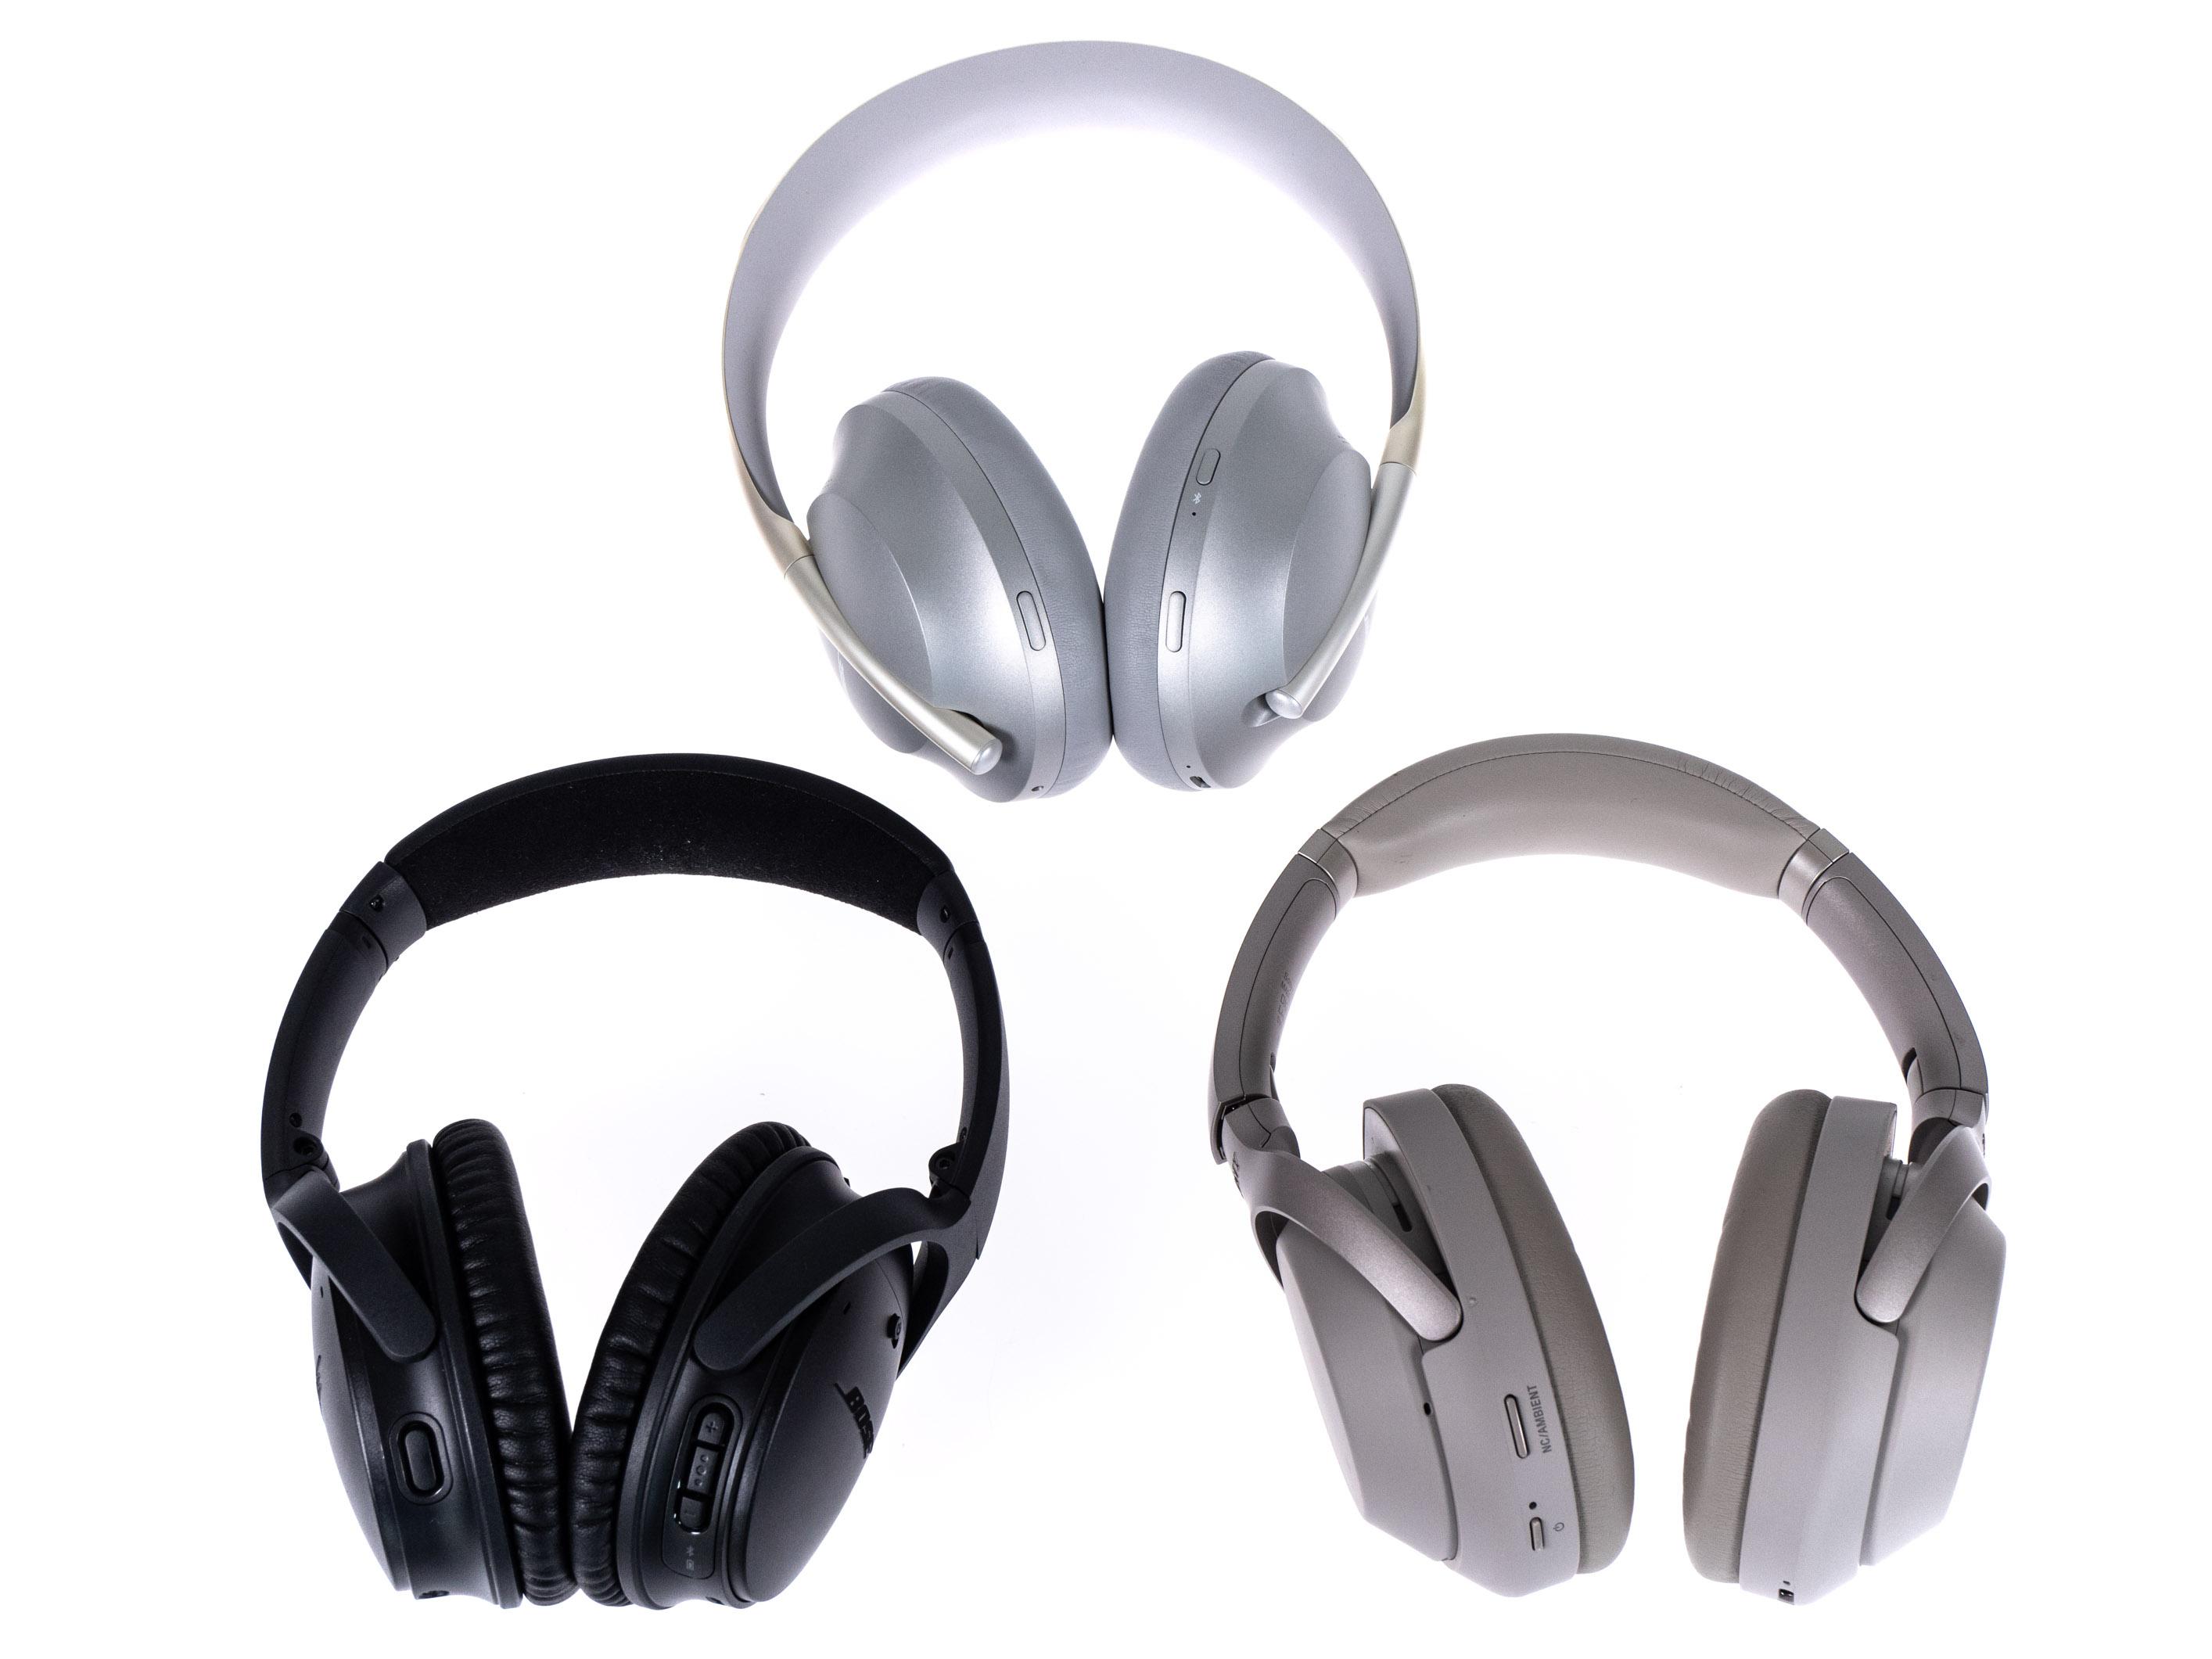 Noise Cancelling Headphones 700 im Test: Boses bester ANC-Kopfhörer sticht Sony vielfach aus - Oben Noise Cancelling Headphones 700, links unten Boses Quiet Comfort 35 II und rechts daneben Sonys WH-1000XM3 (Bild: Martin Wolf/Golem.de)